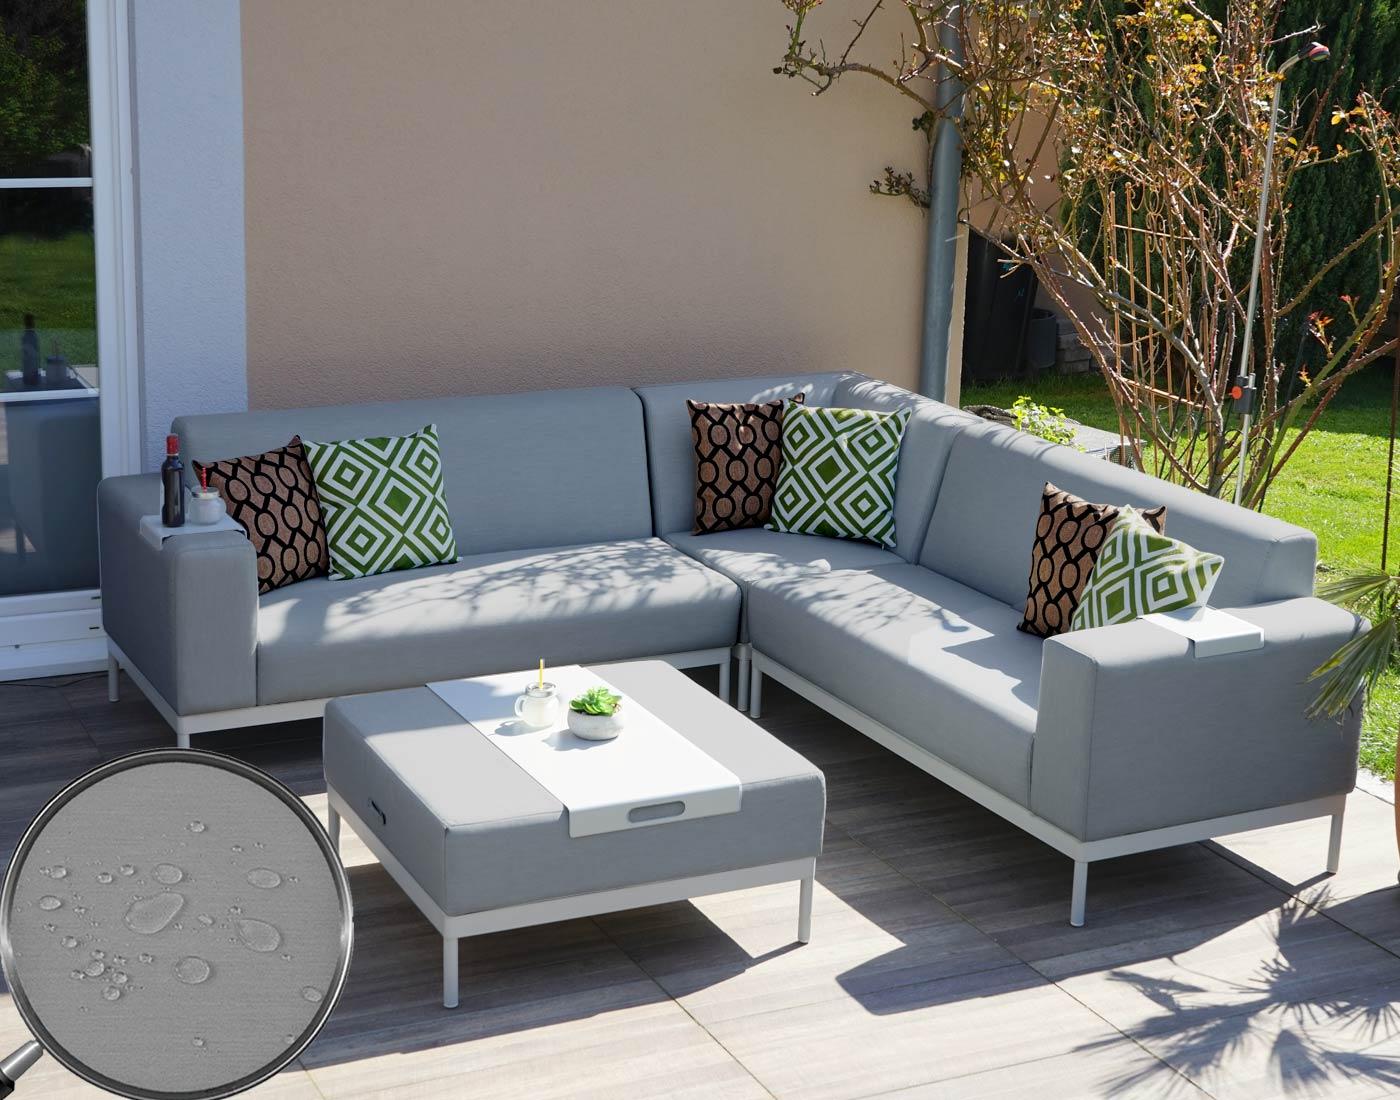 alu garten garnitur hwc c47 sofa outdoor textil grau mit ablage kissen gr n braun. Black Bedroom Furniture Sets. Home Design Ideas